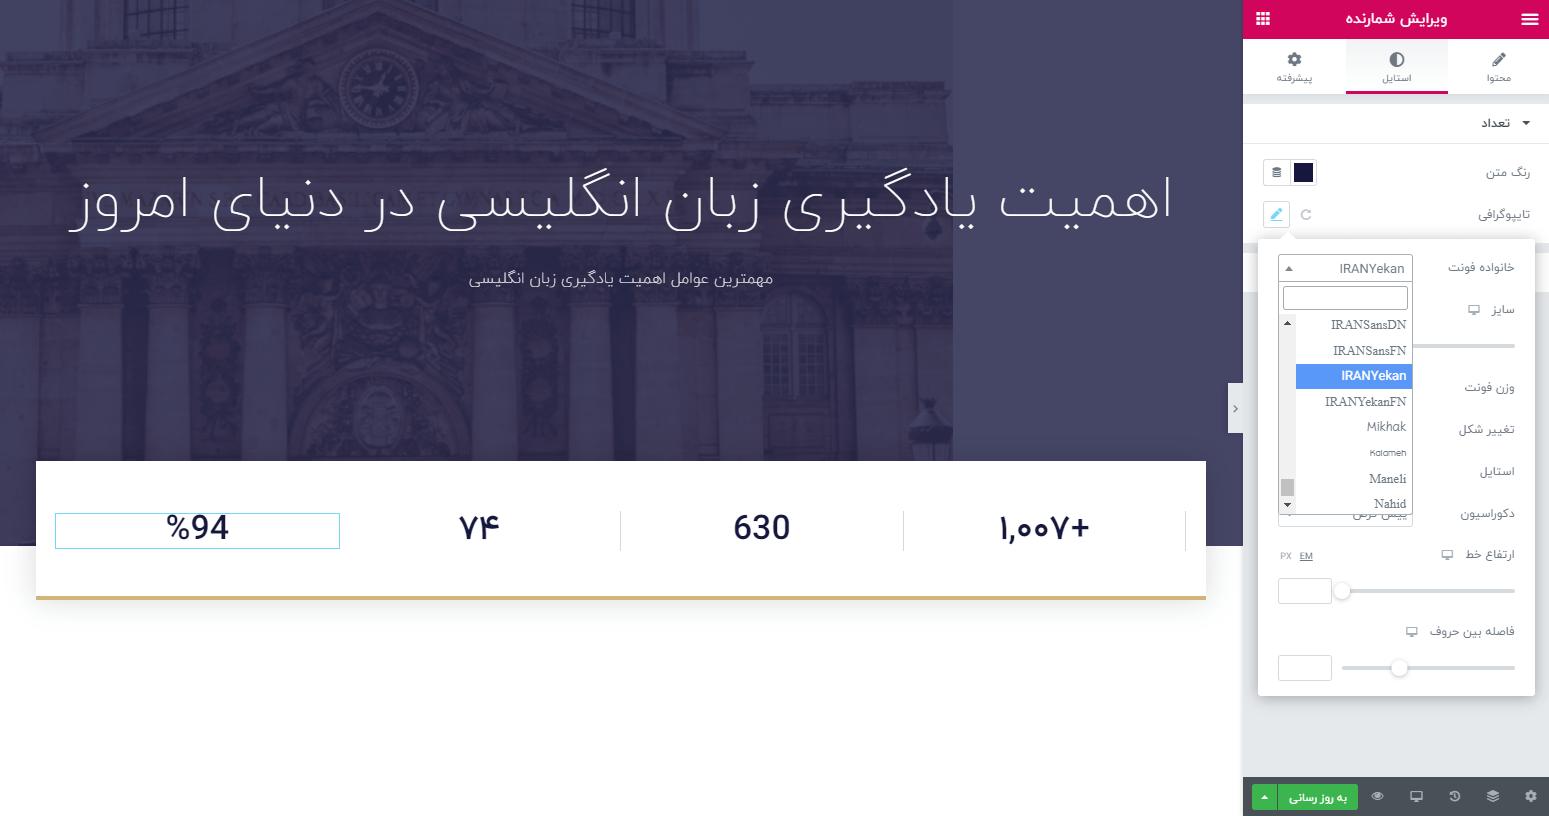 فونت فارسی با اعداد فارسی